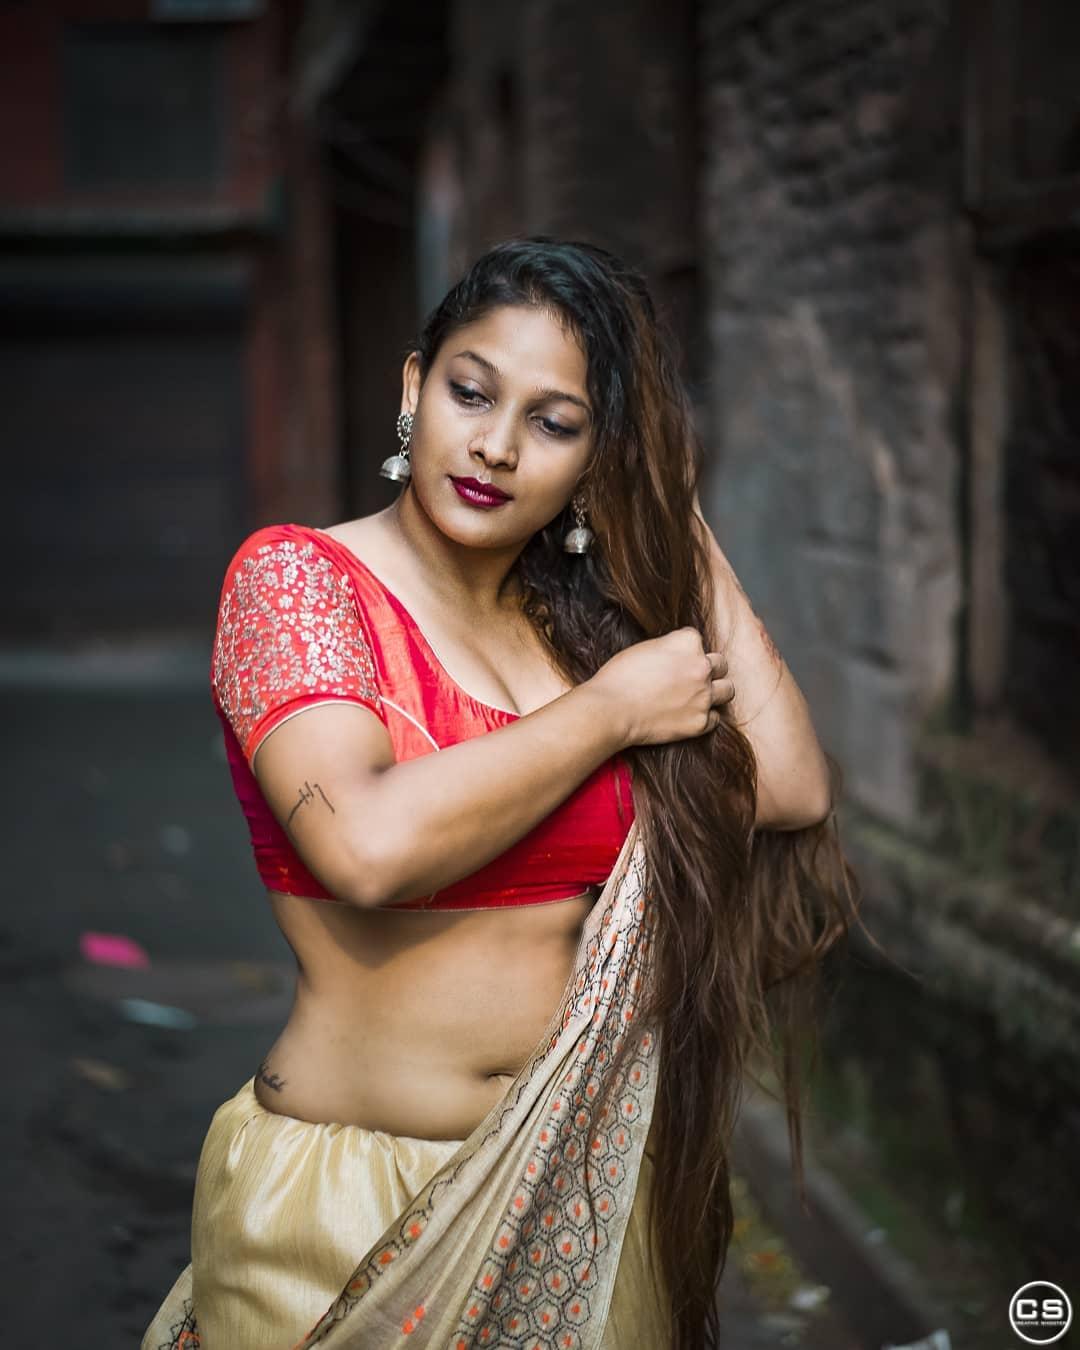 sexy-bengali-story